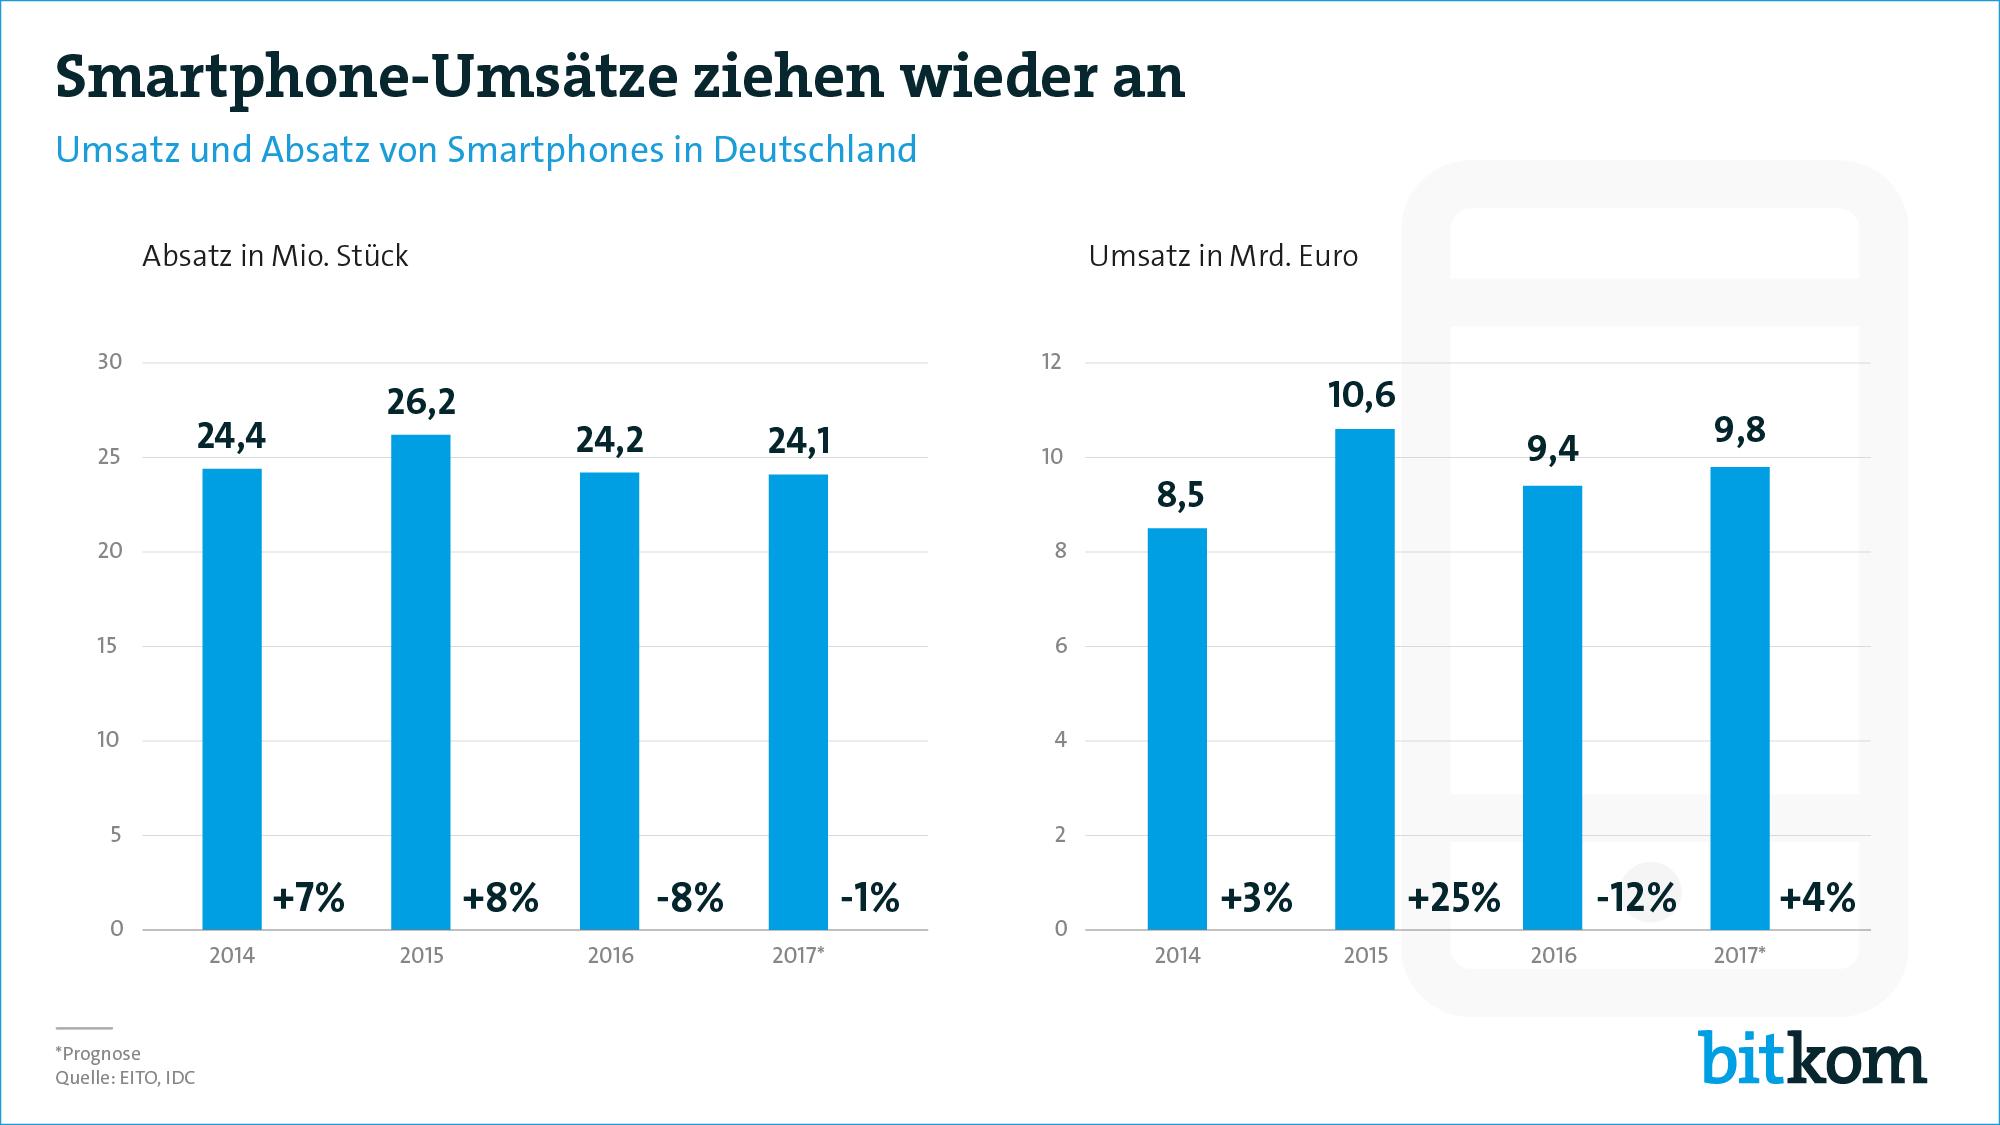 Deutsche kaufen ihre Smartphones 2017 gerne teuer und groß